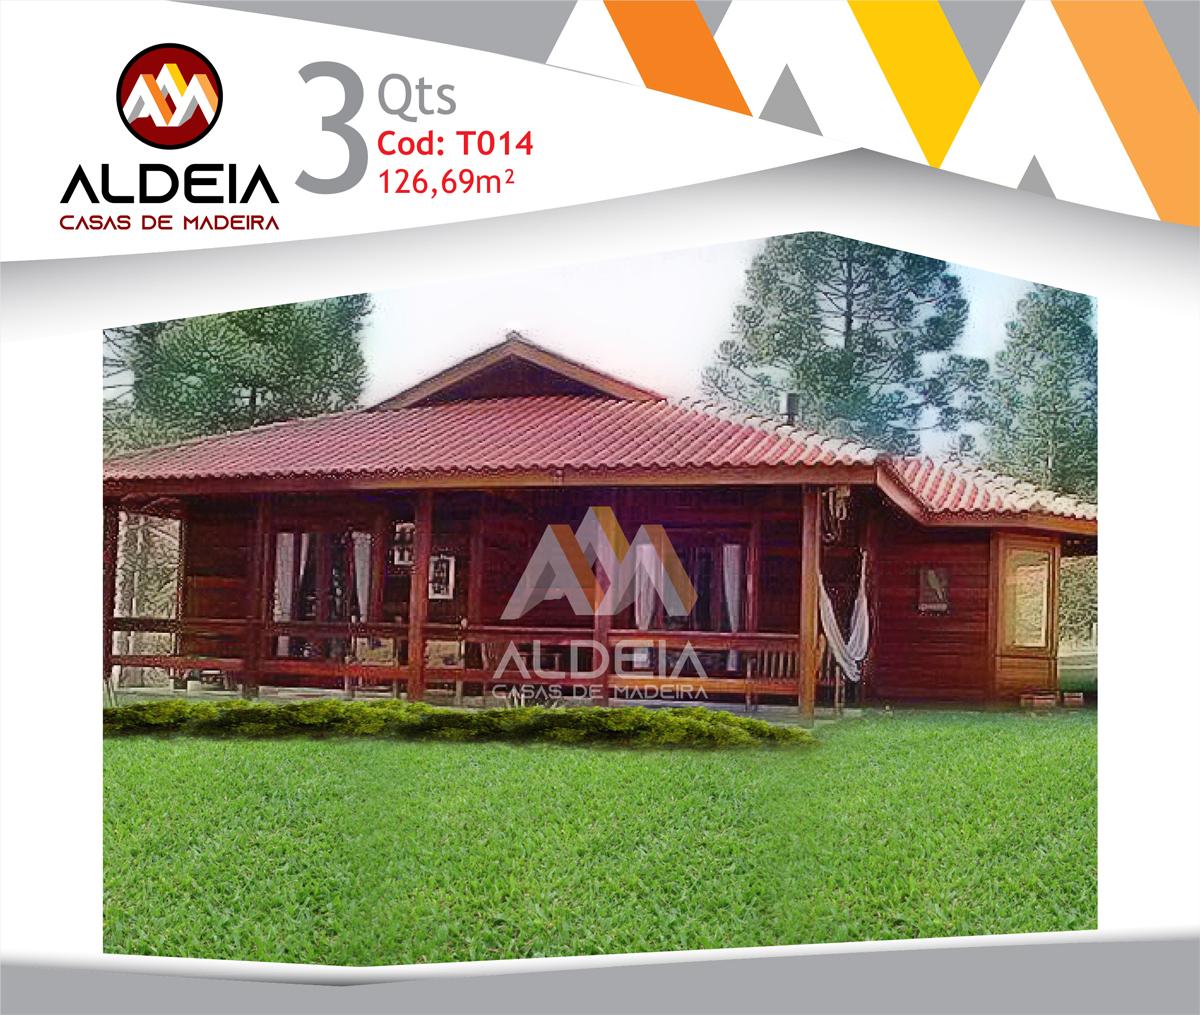 aldeia-casas-madeira-fachada-T014